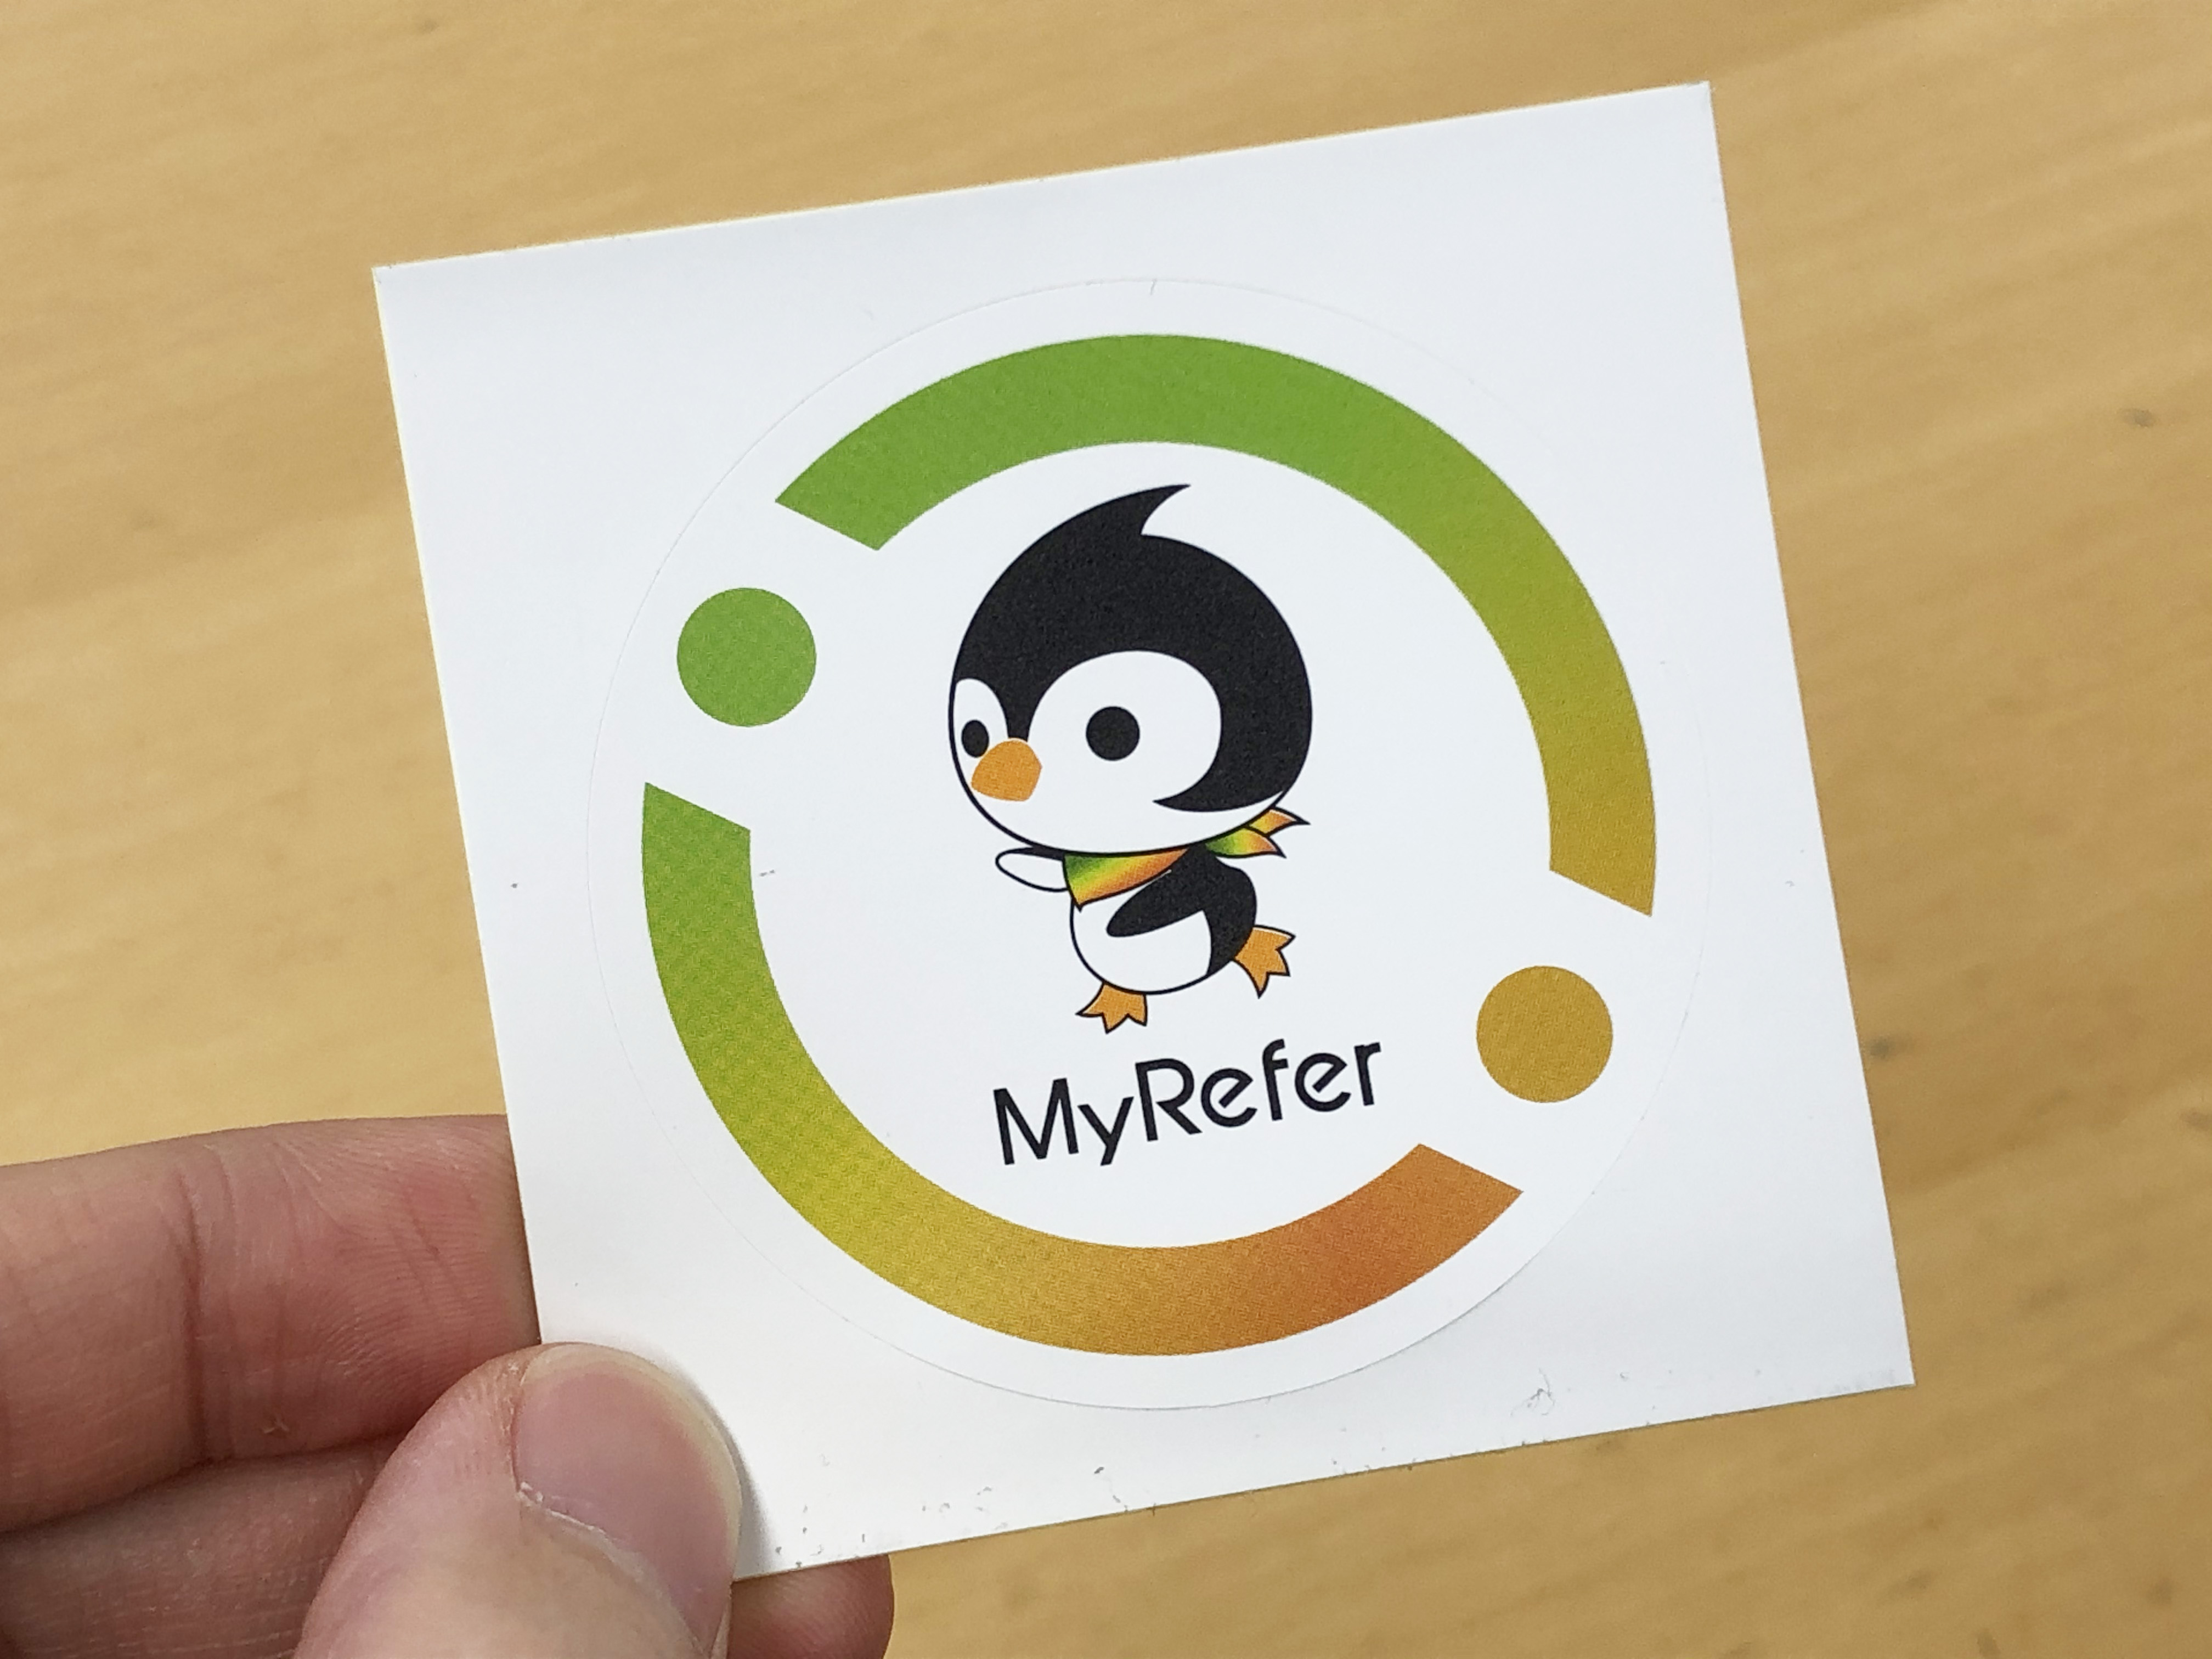 【Report】株式会社MyReferさんを取材してきました!